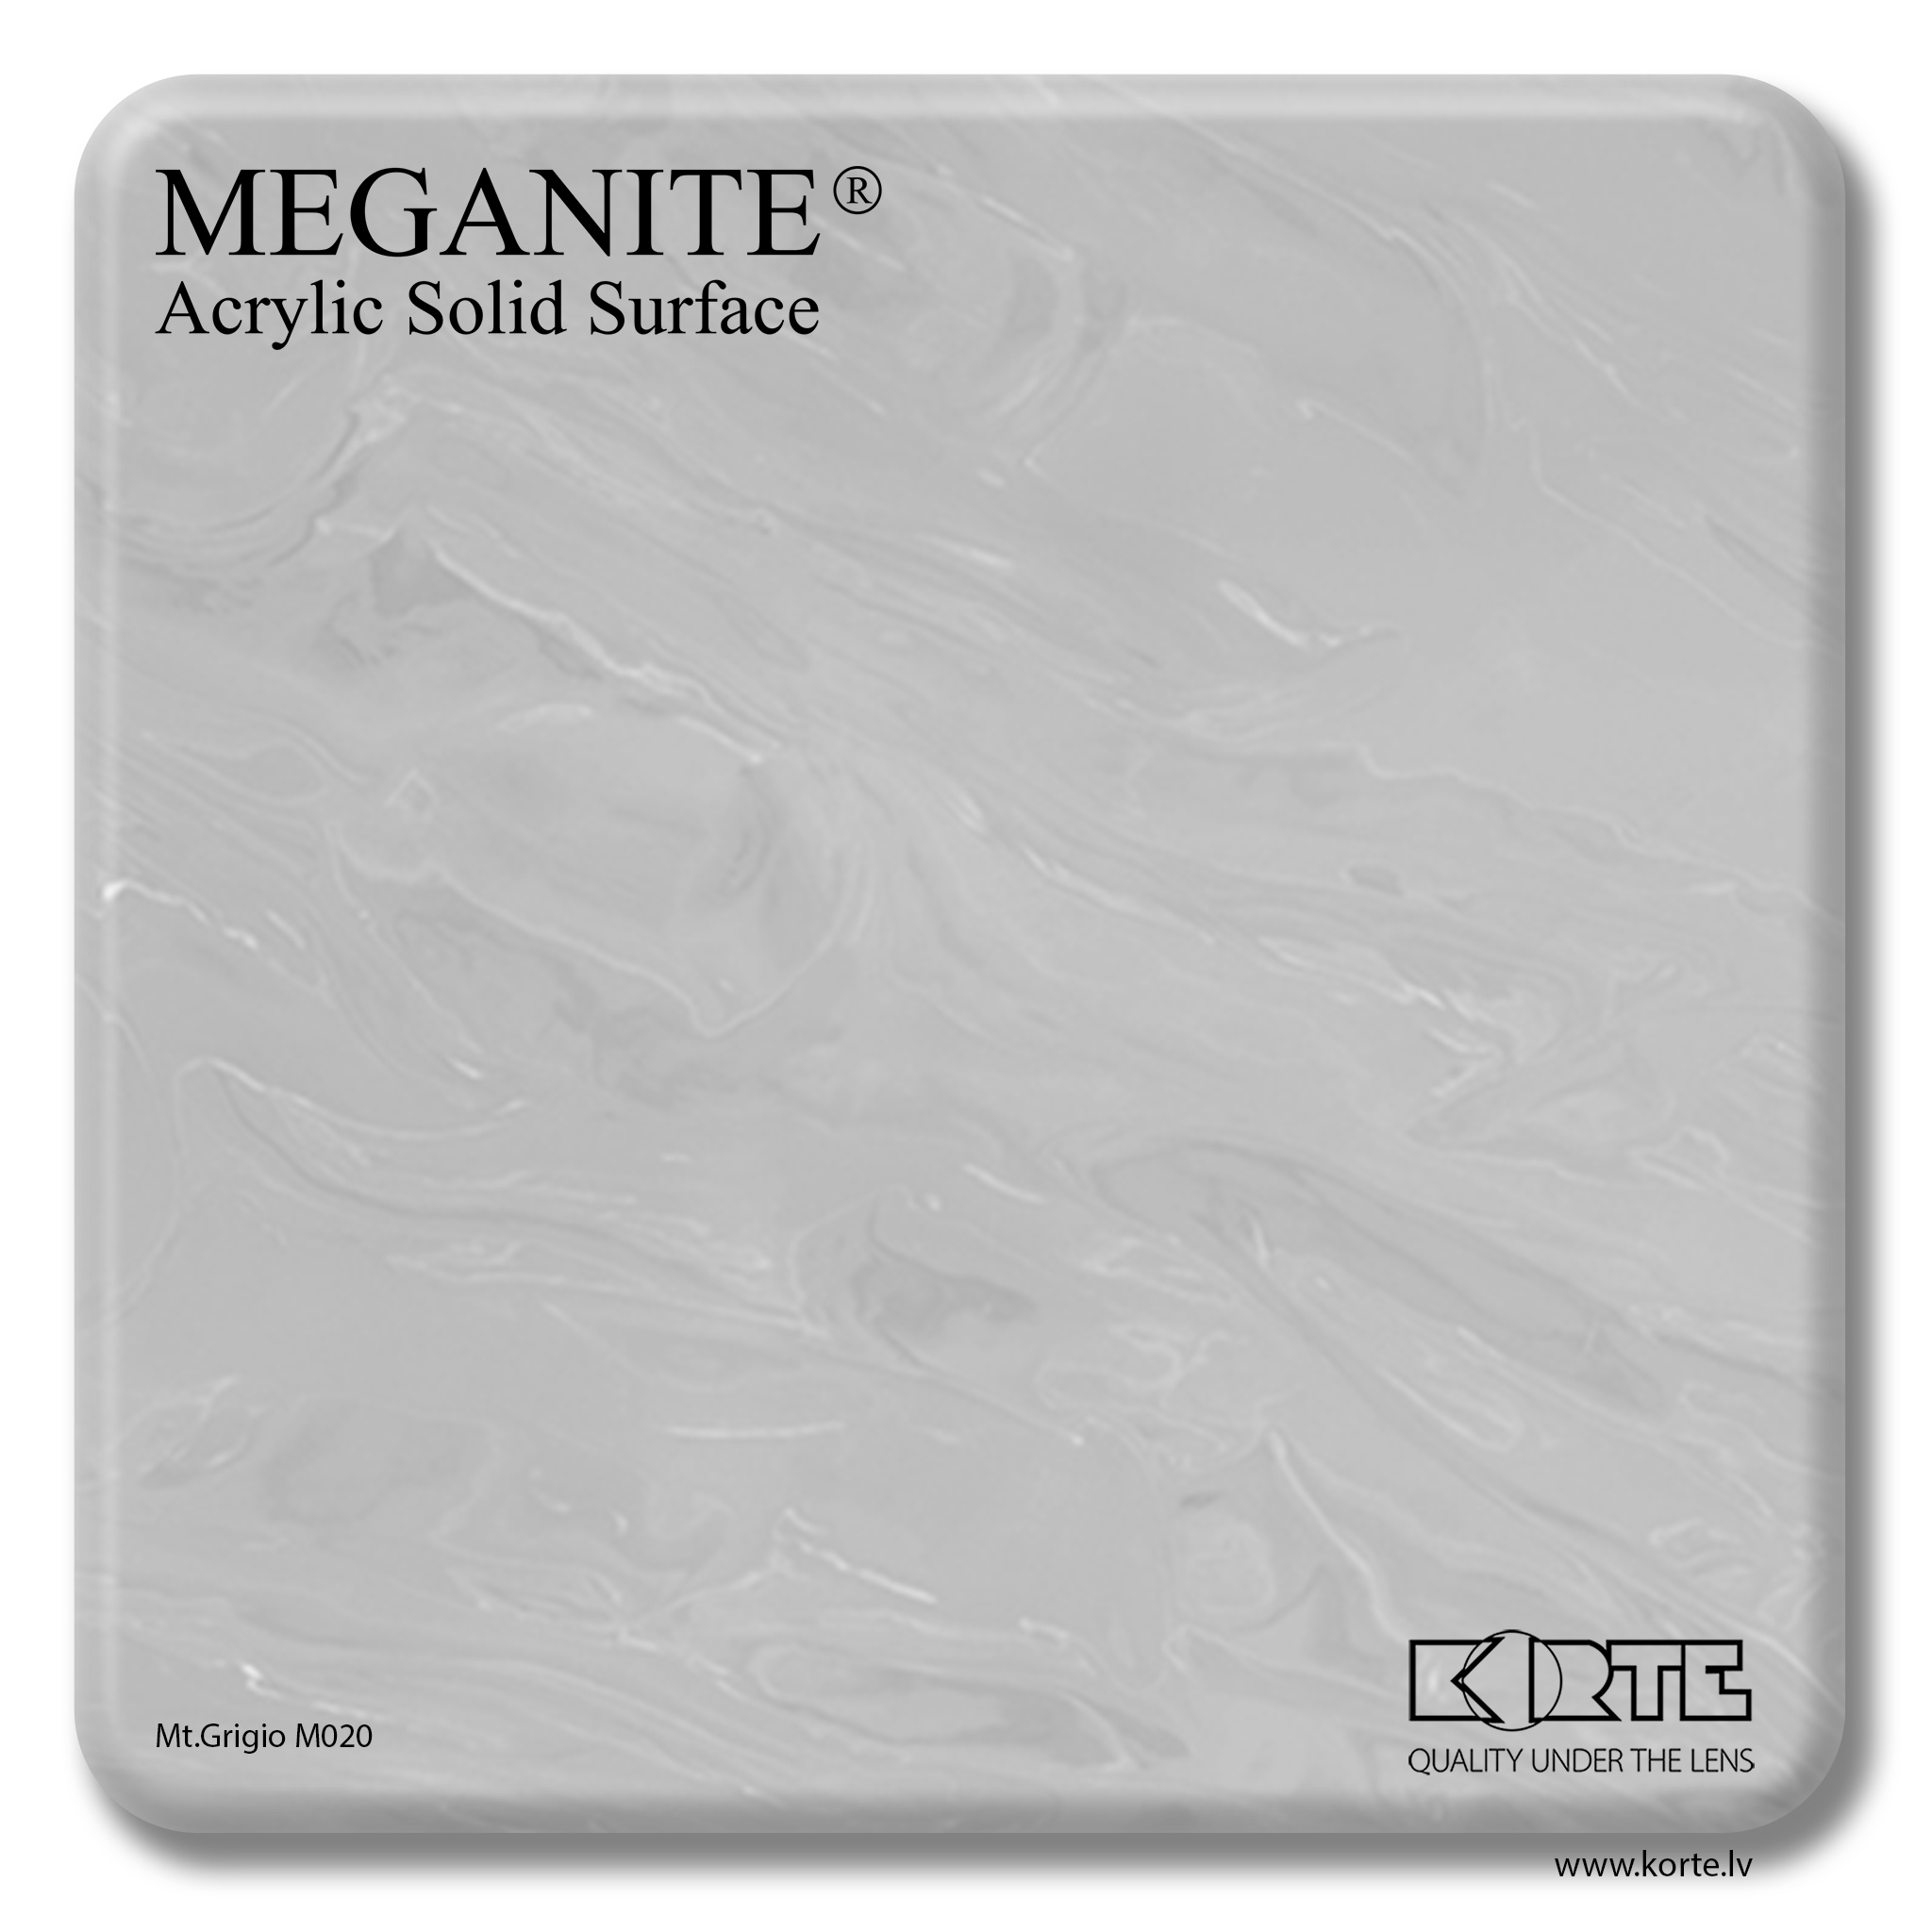 Meganite Mt.Grigio M020